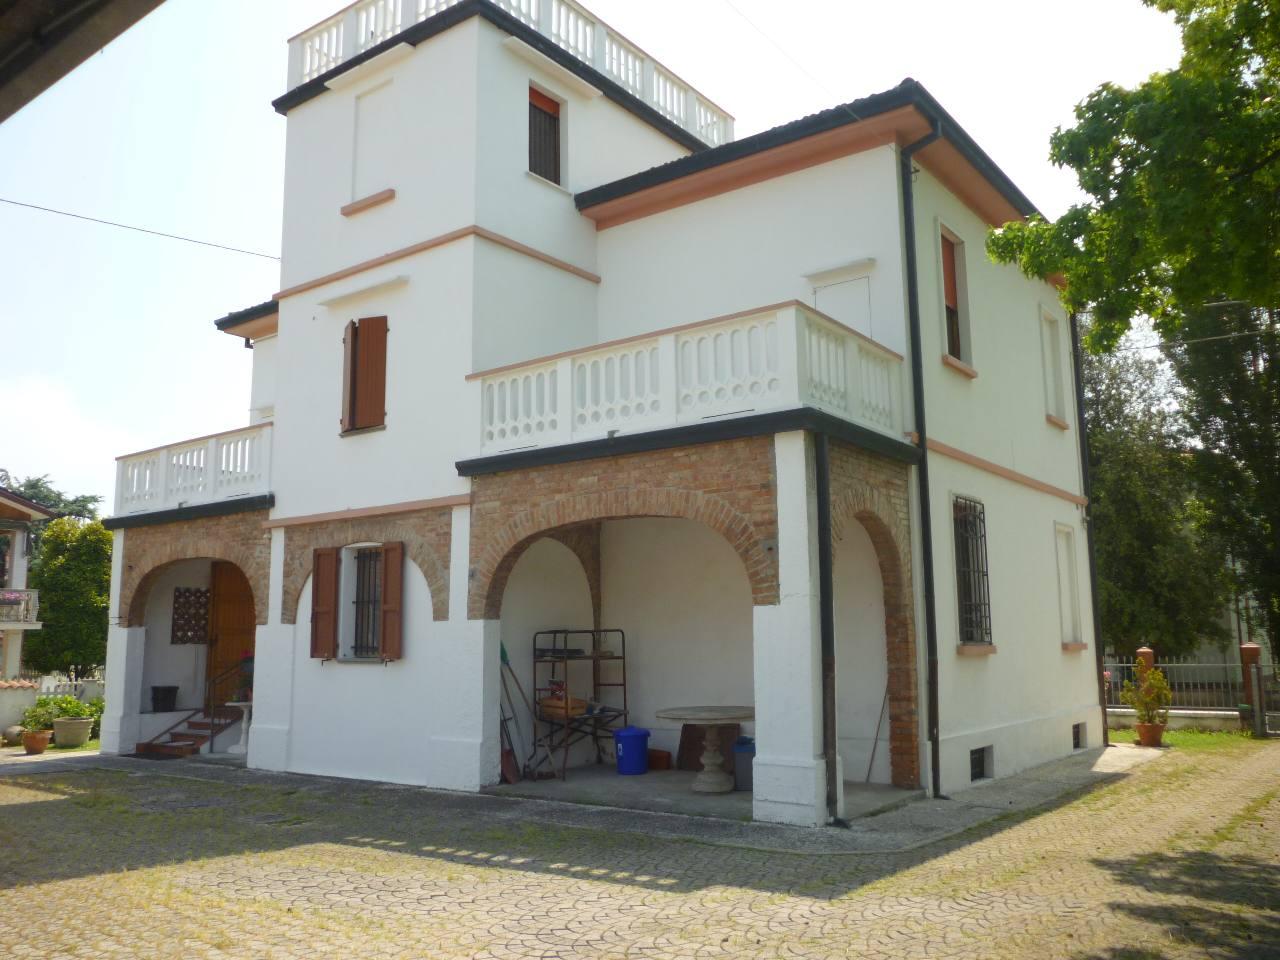 Villa in vendita a Voghiera, 4 locali, zona Località: Voghiera, prezzo € 295.000   CambioCasa.it